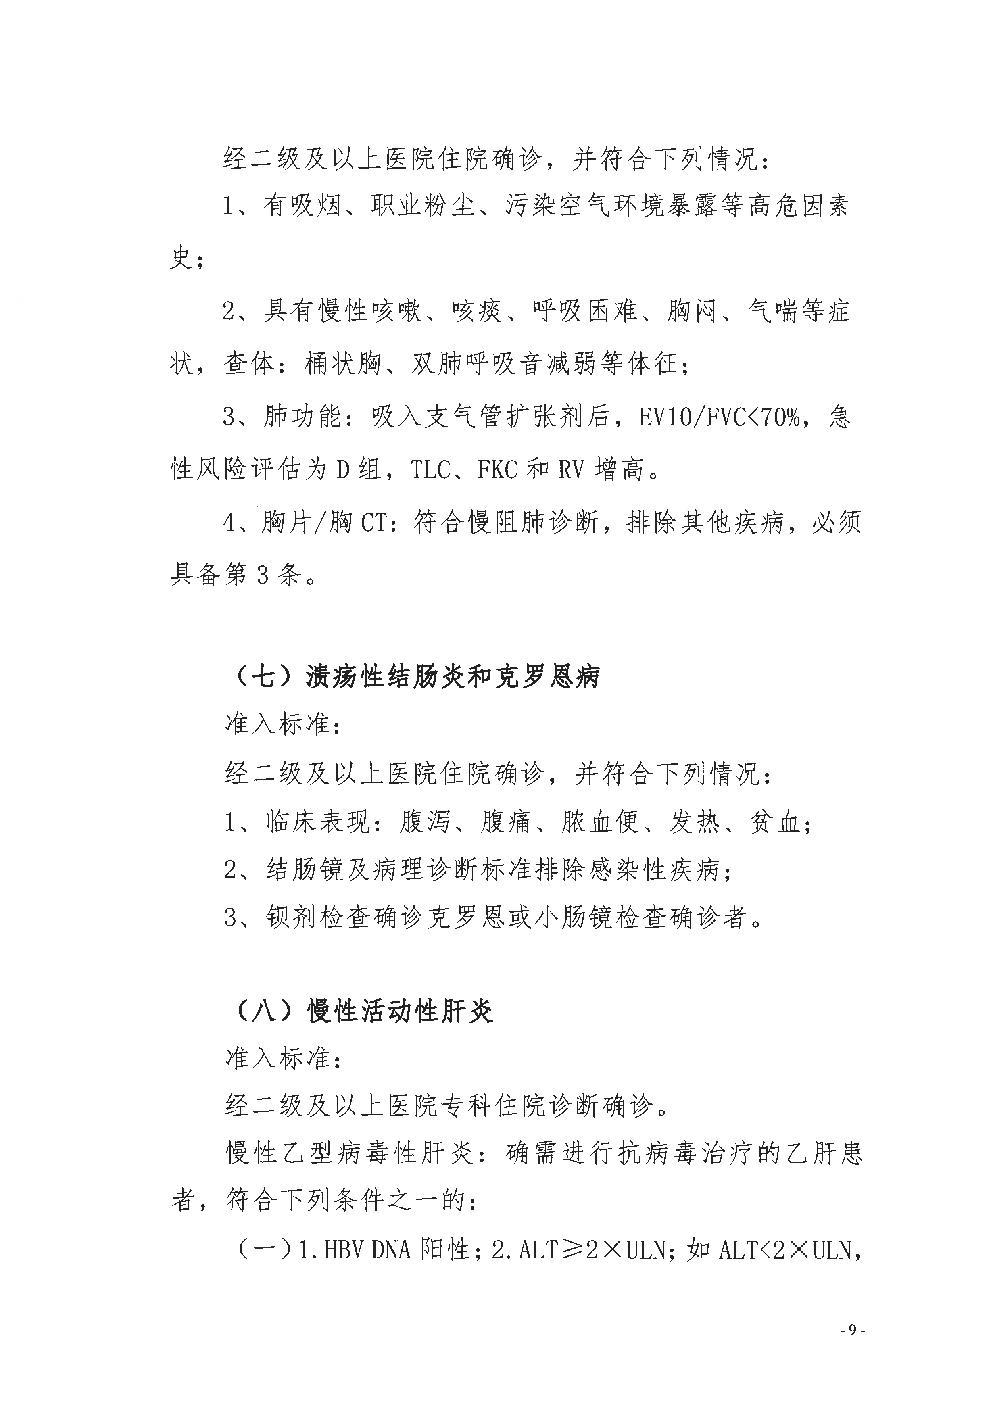 阜阳市城乡居民慢性病管理办法(1)_9.JPG